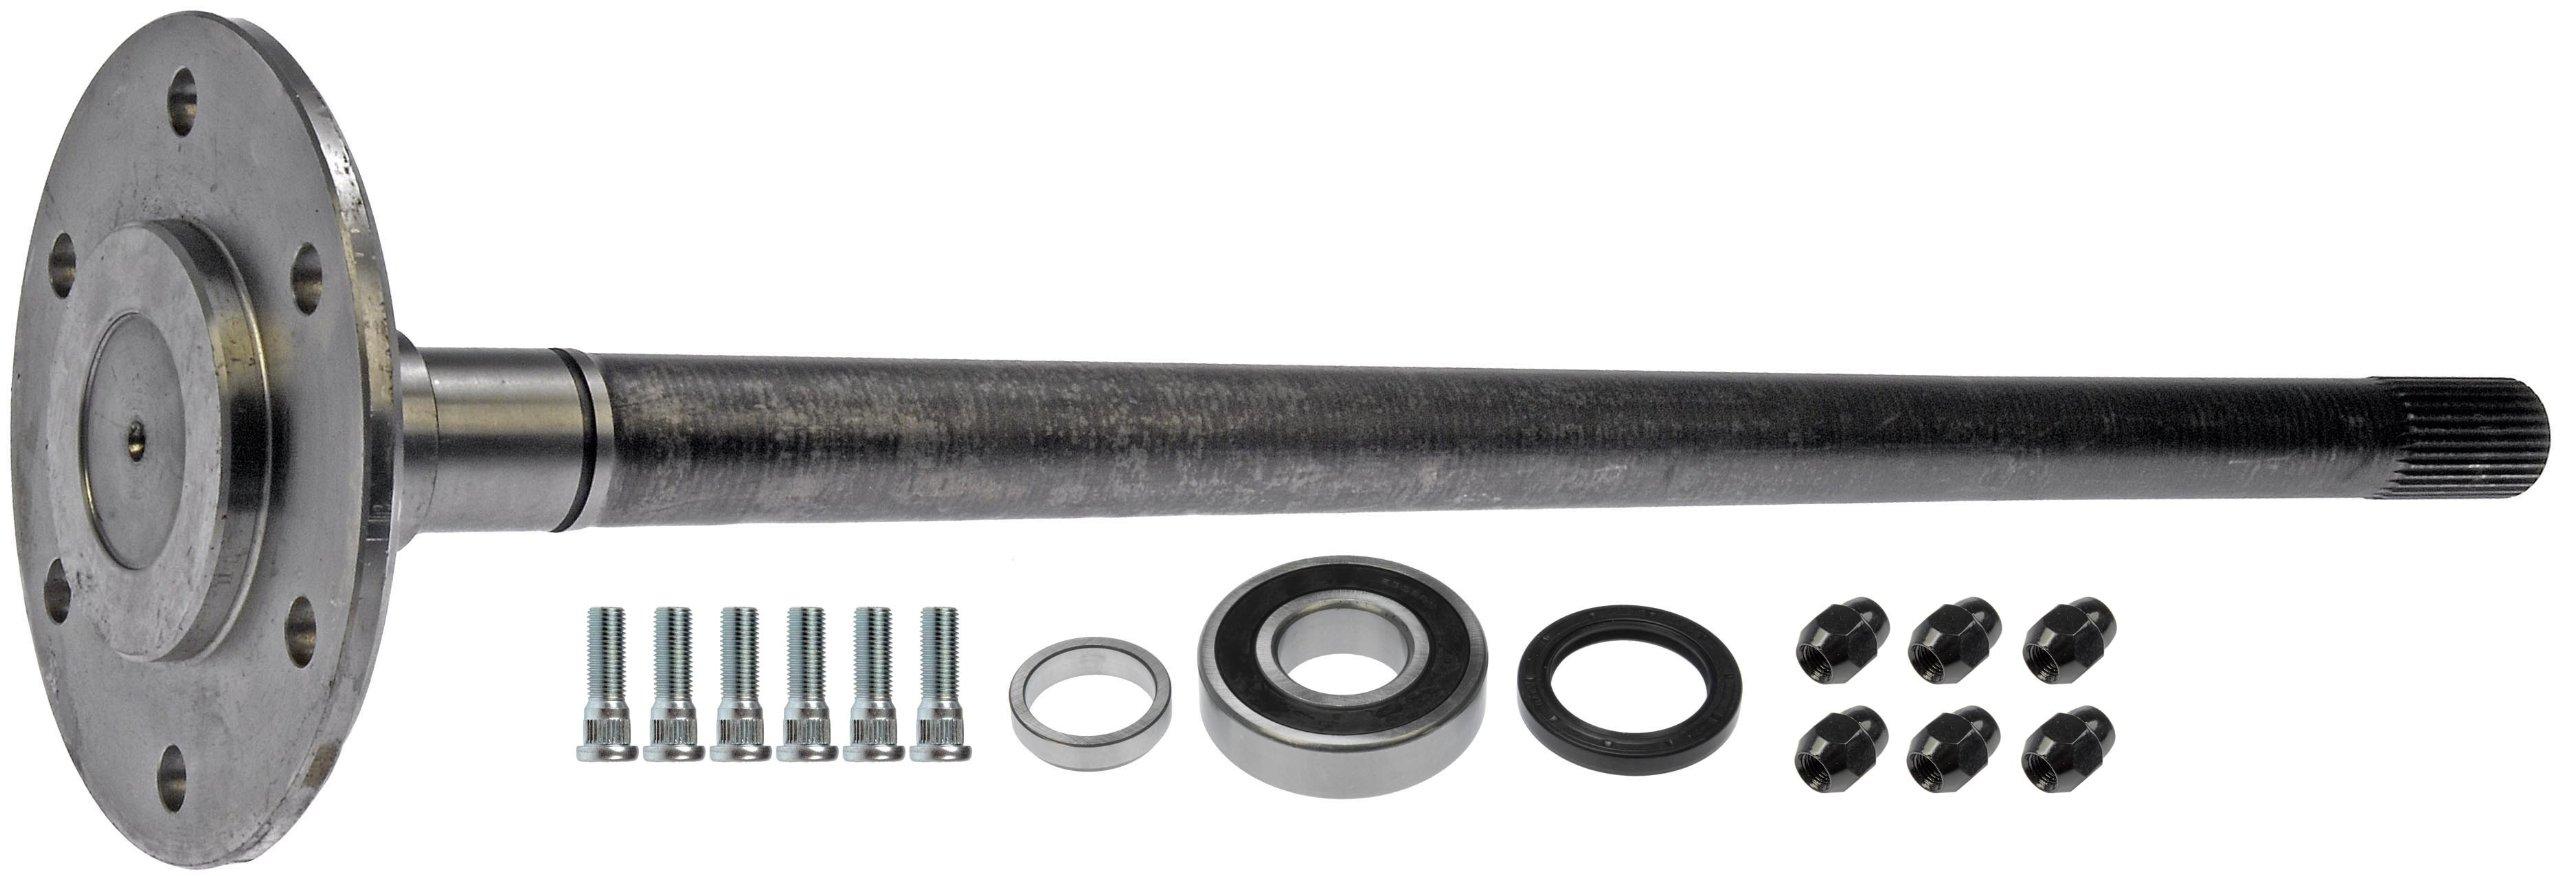 Dorman 630-334 Rear Axle Shaft Kit